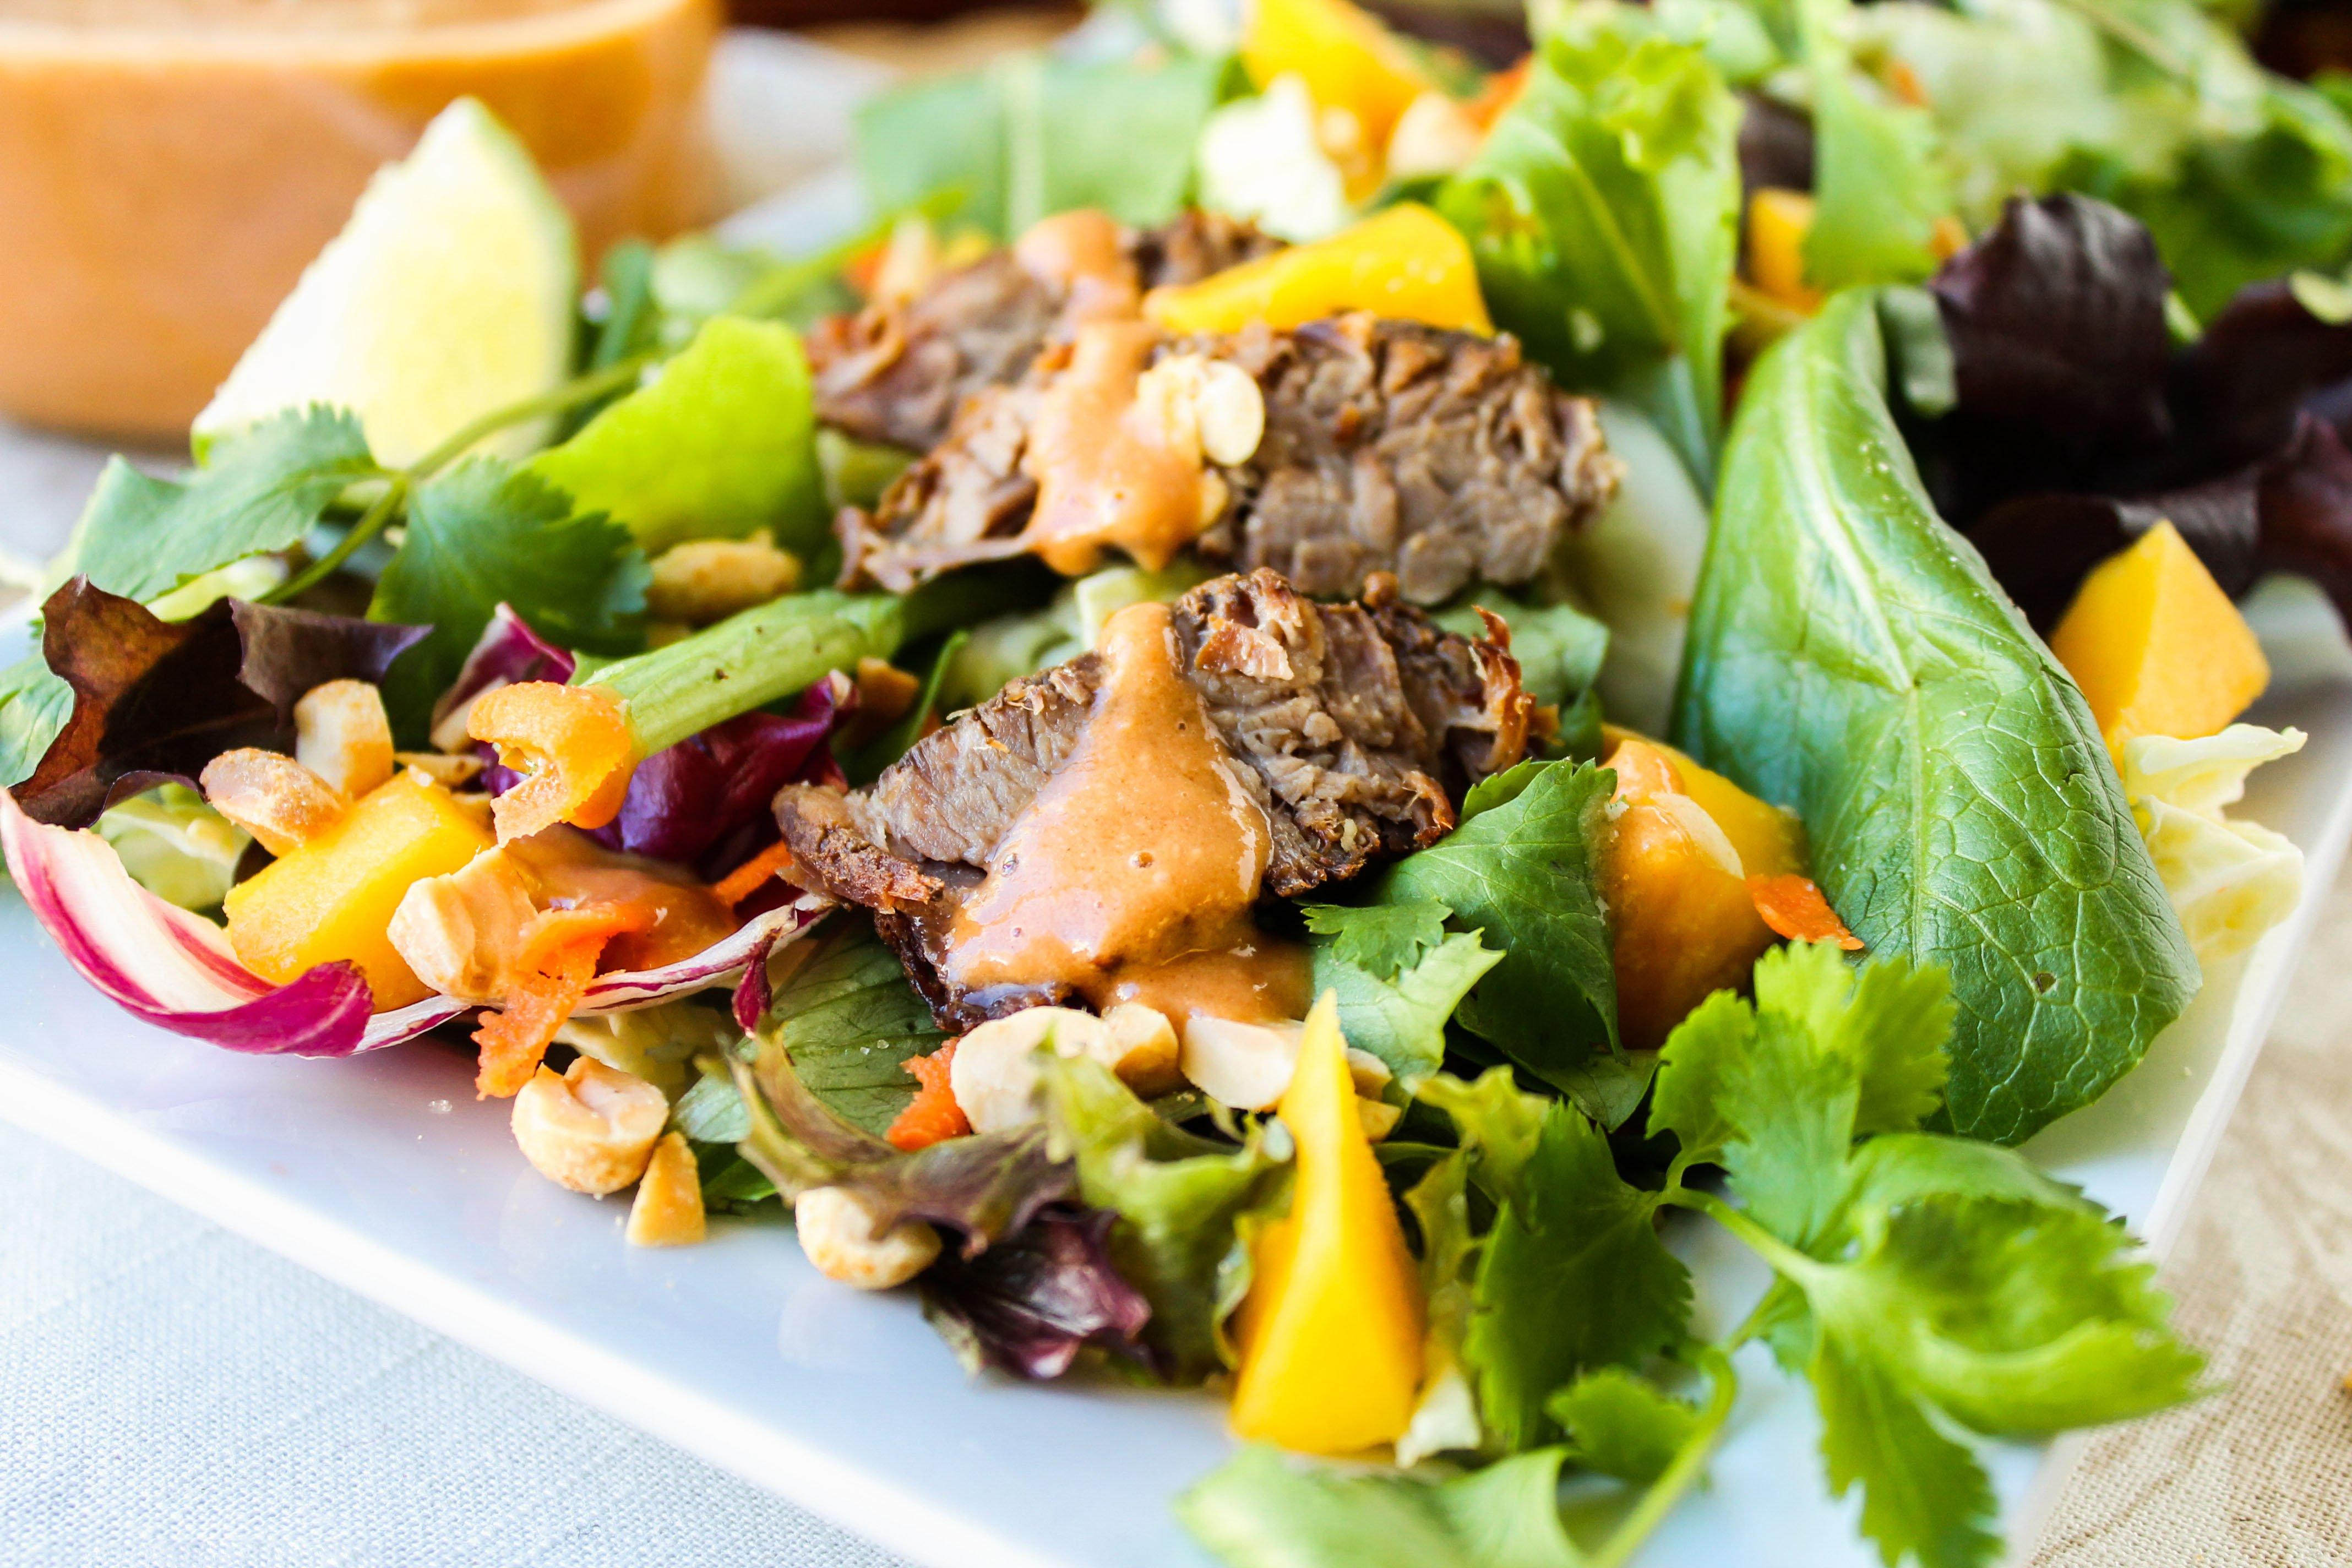 CrockPot Thai Steak Salad with Peanut-Hoisin Sauce - The Food ...